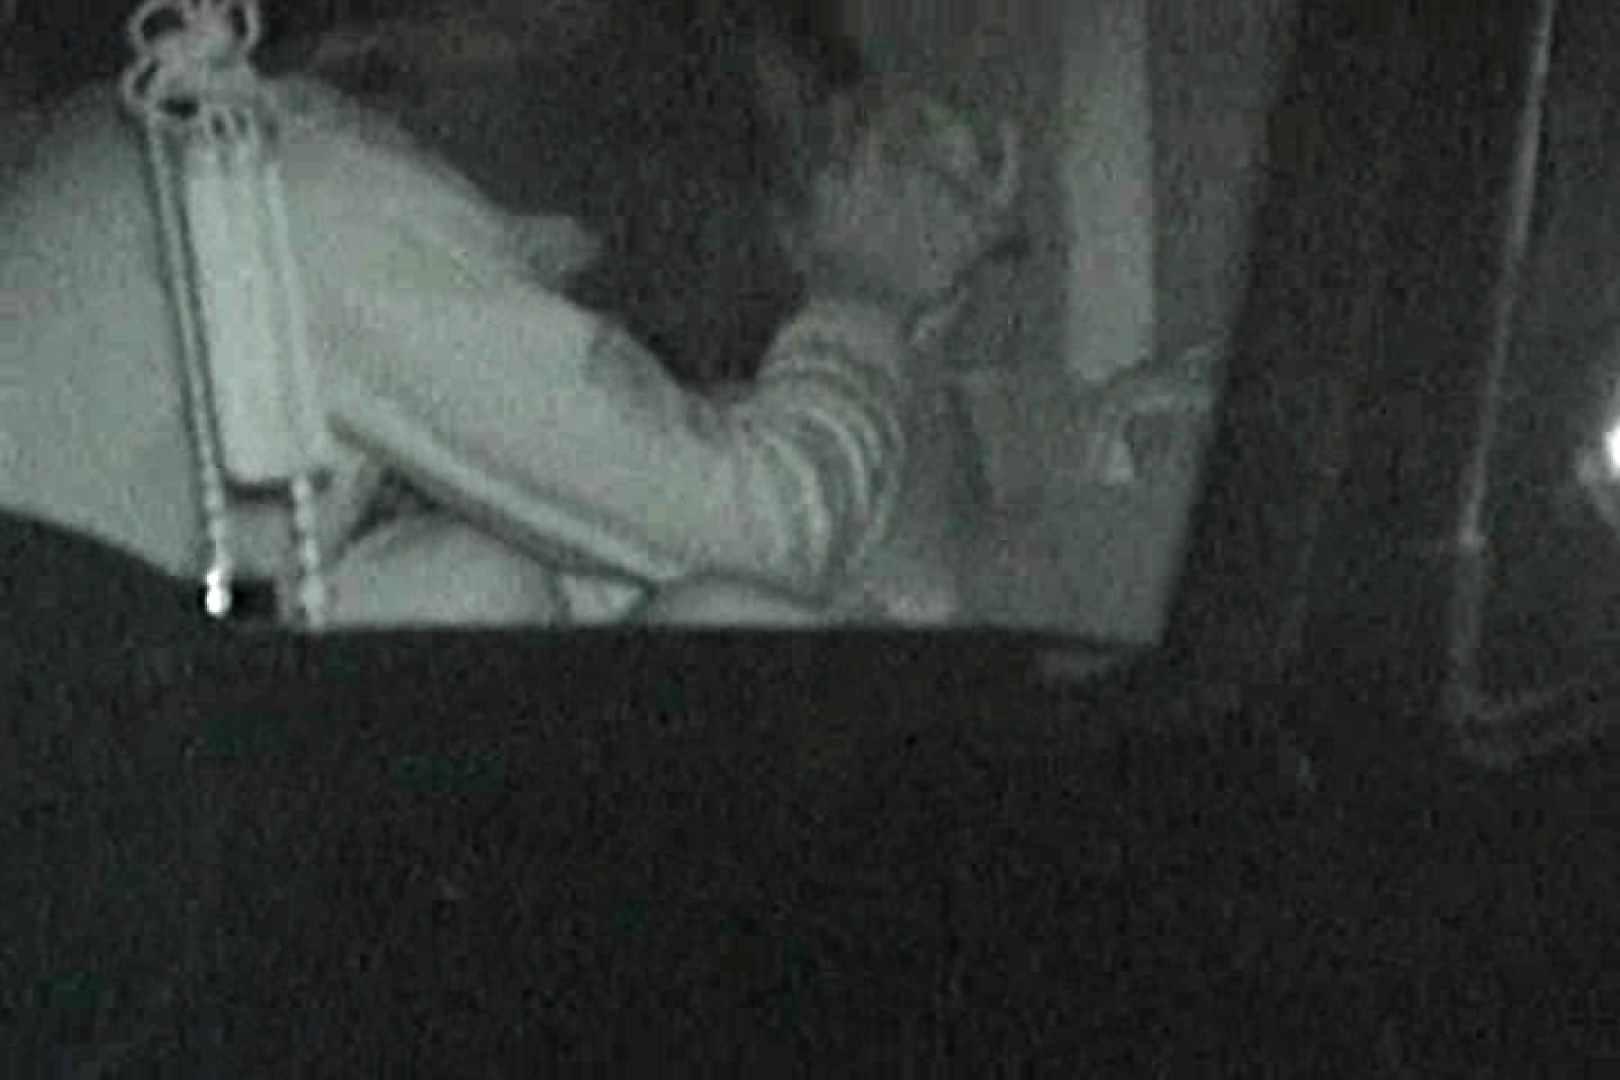 充血監督の深夜の運動会Vol.8 チクビ オマンコ無修正動画無料 106画像 69